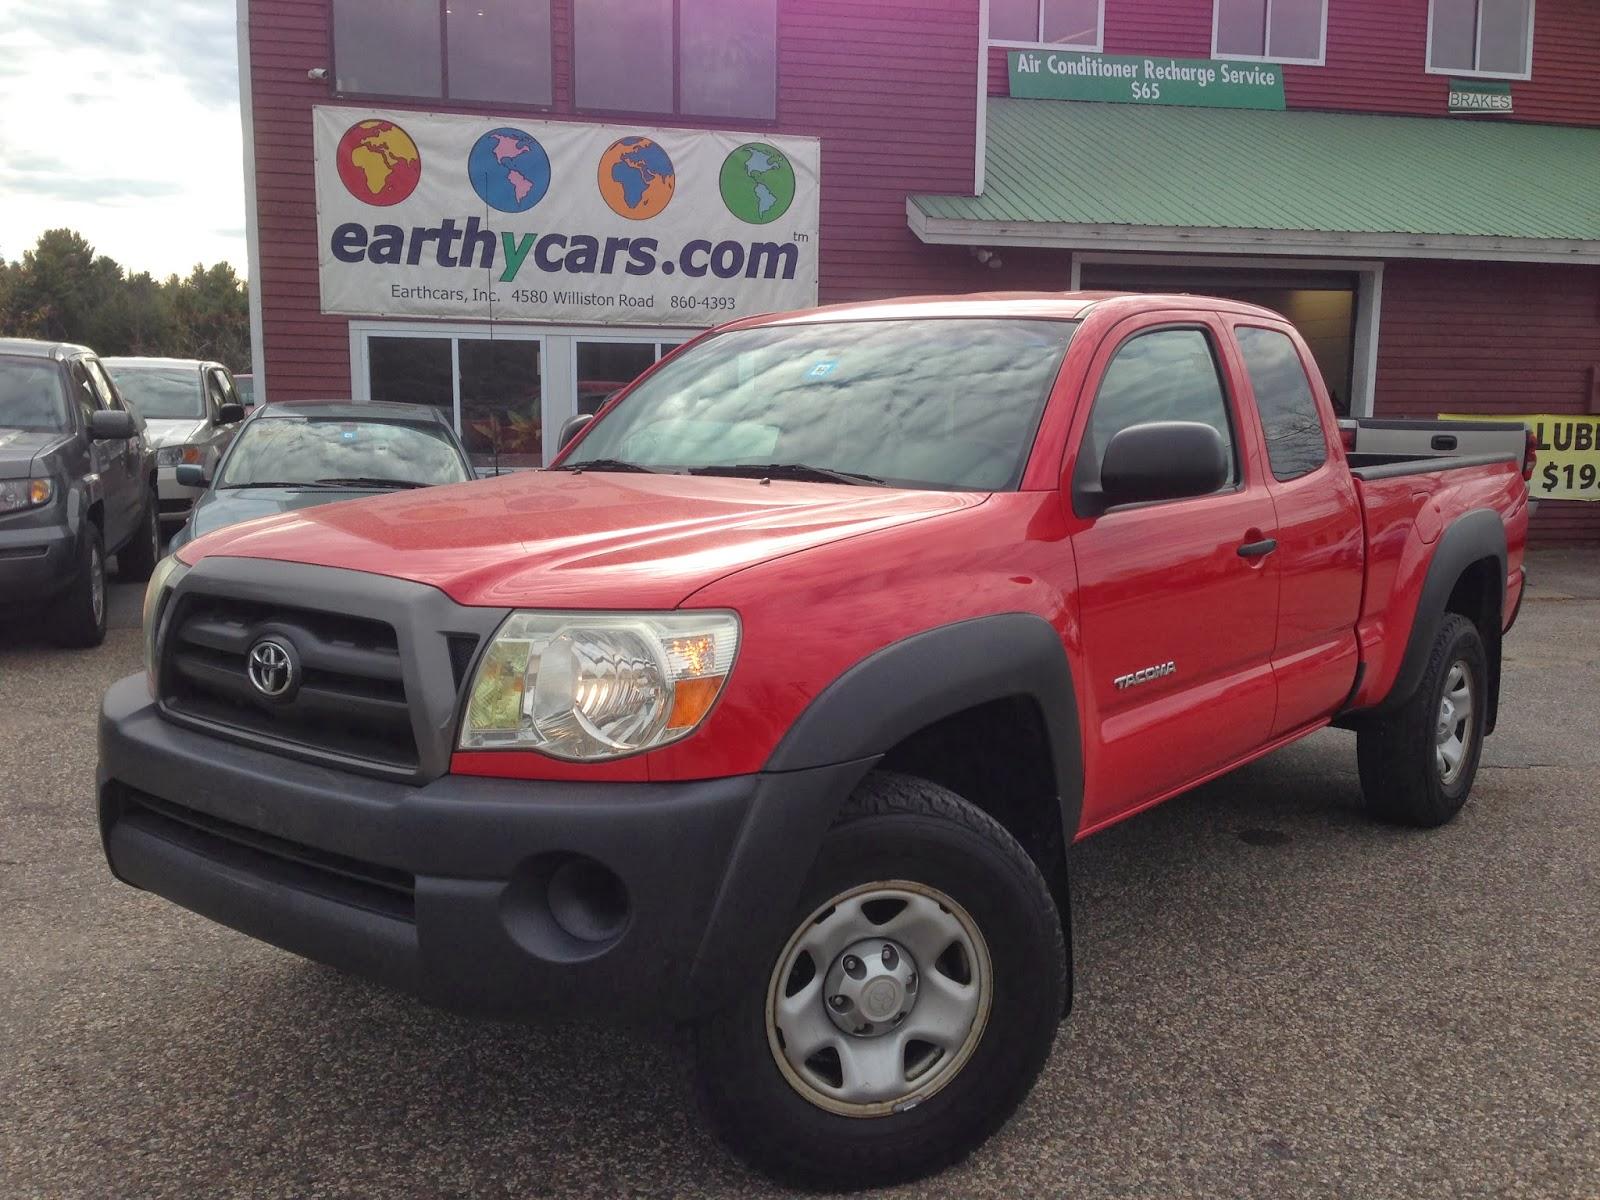 2007 Toyota Tacoma SR5, Red, Truck, 108695 Mi, $13,995 Http://bit.ly/IfGUBv  4WD, 5 Spd Manual, MPG U003d 17/22